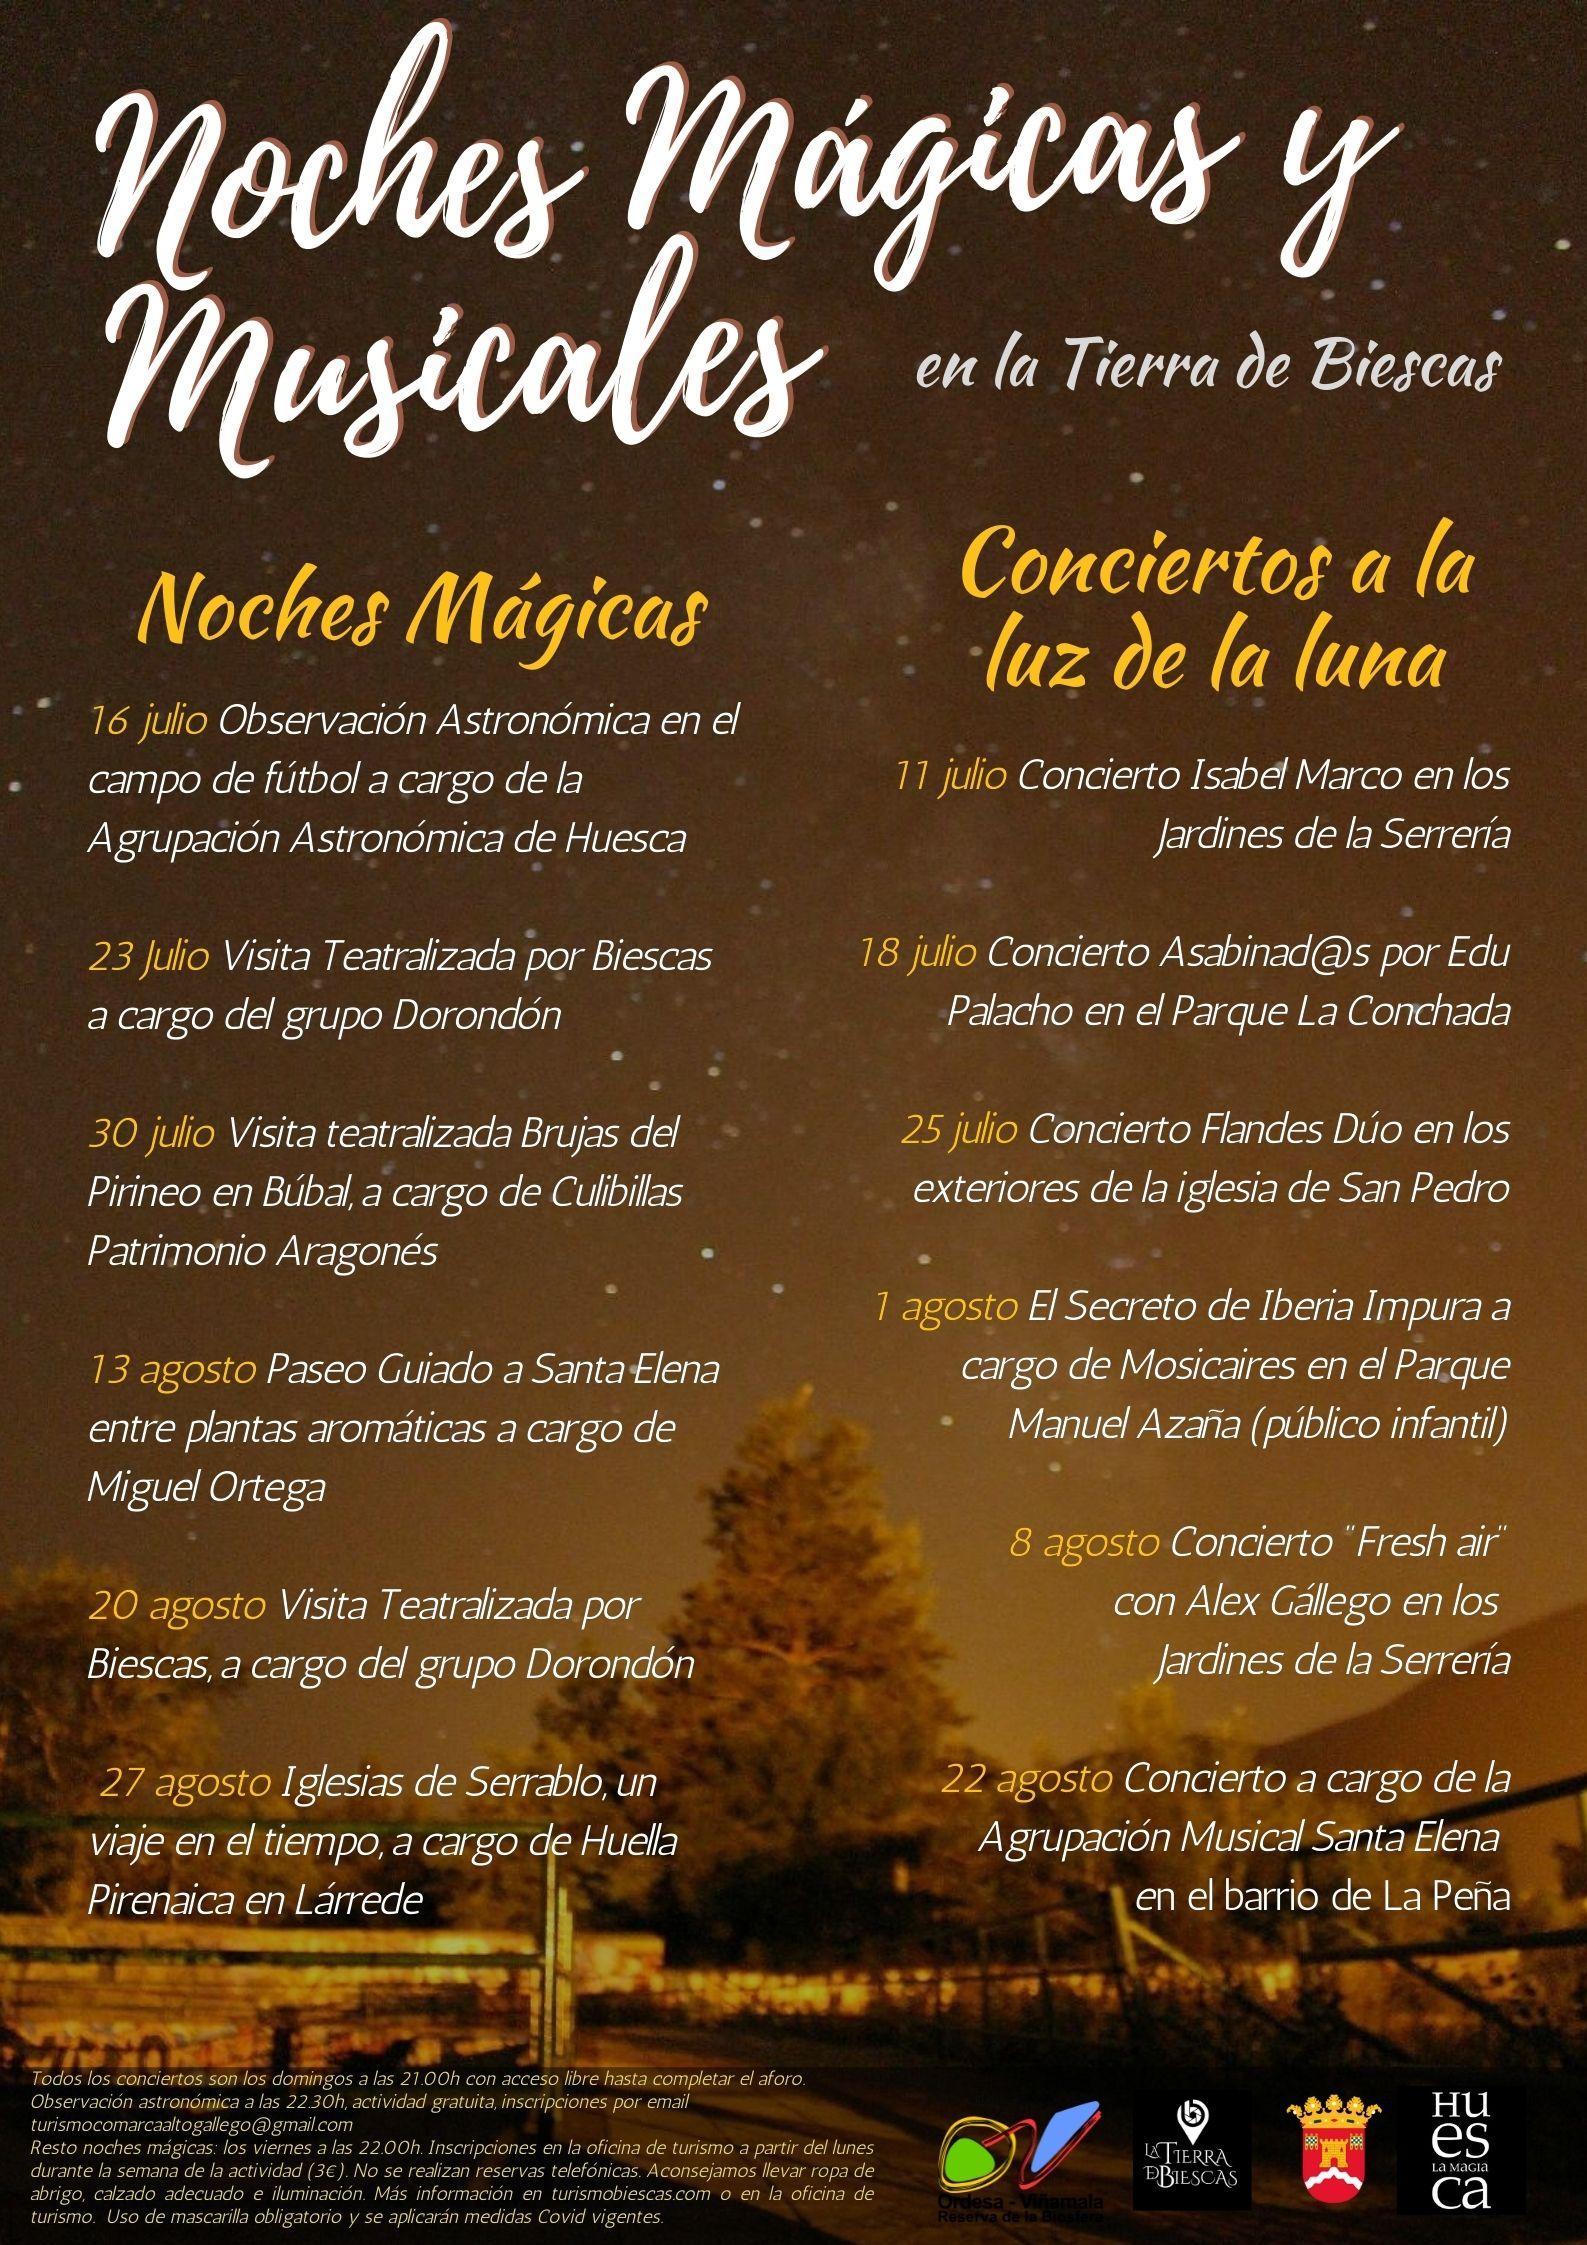 Astronomía, visitas y conciertos, en las Noches Mágicas y Musicales en la Tierra de Biescas